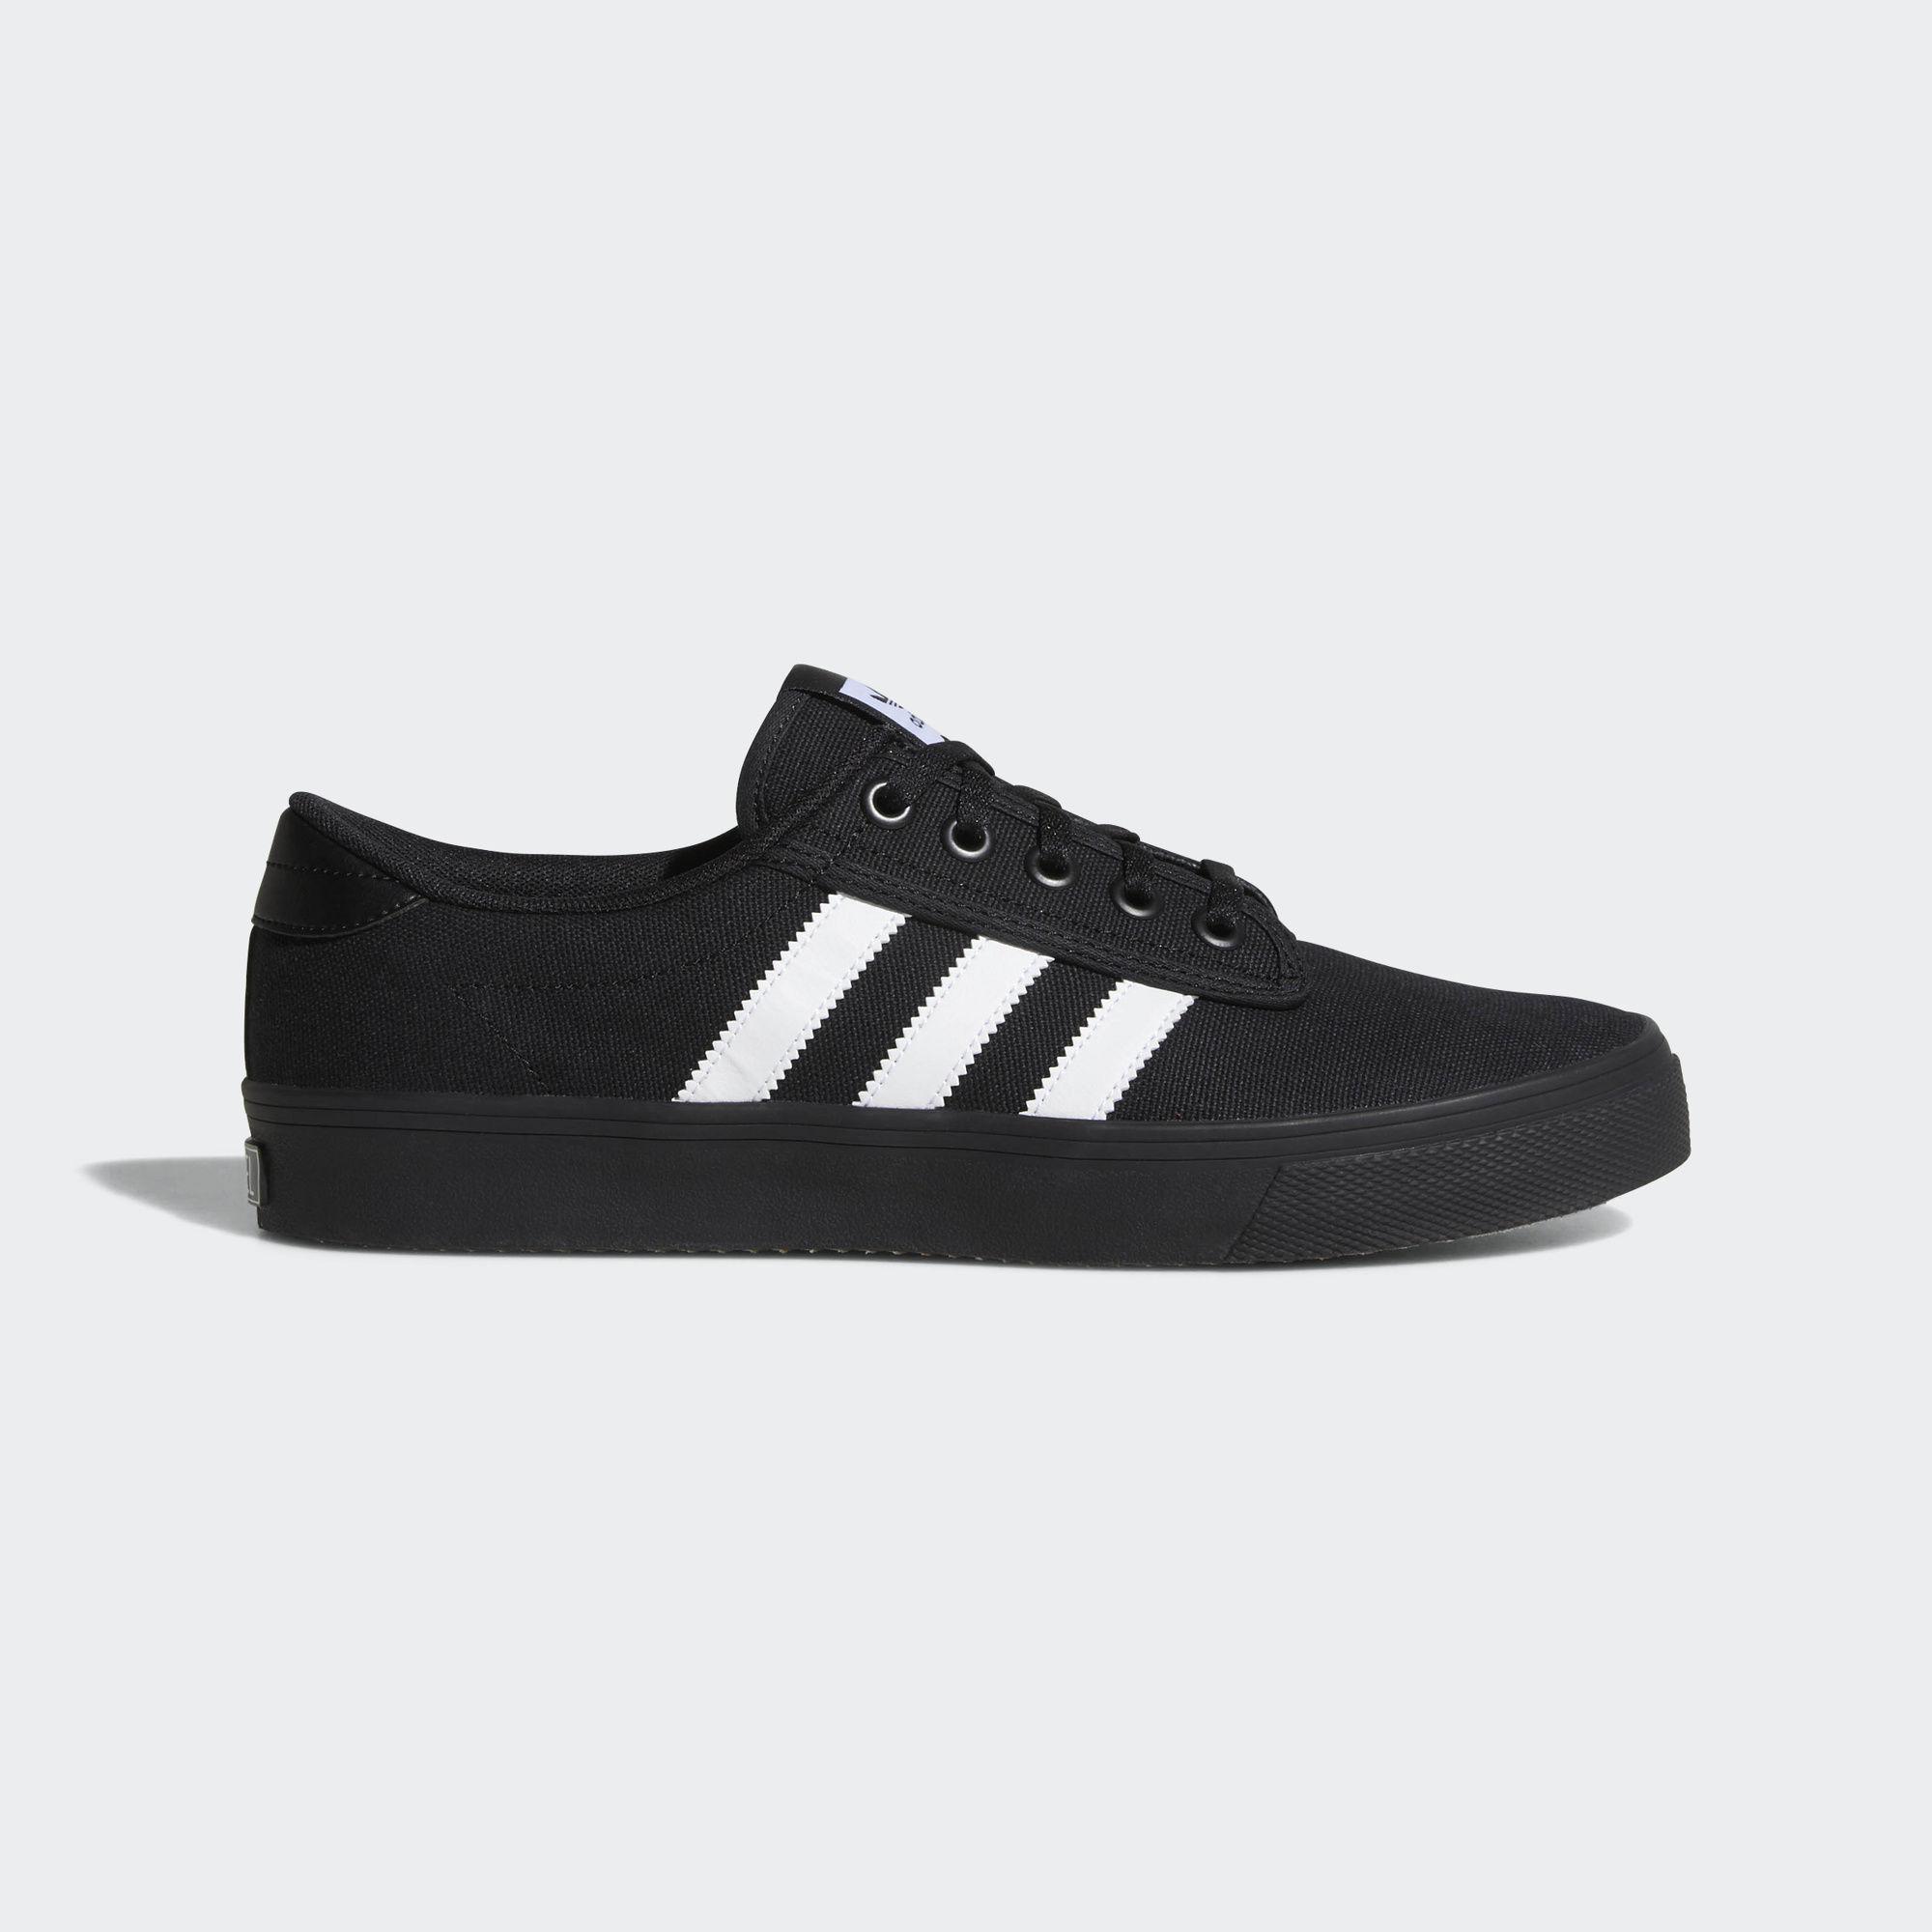 detailed look ff92f 0b32a adidas originals - Kiel Shoes